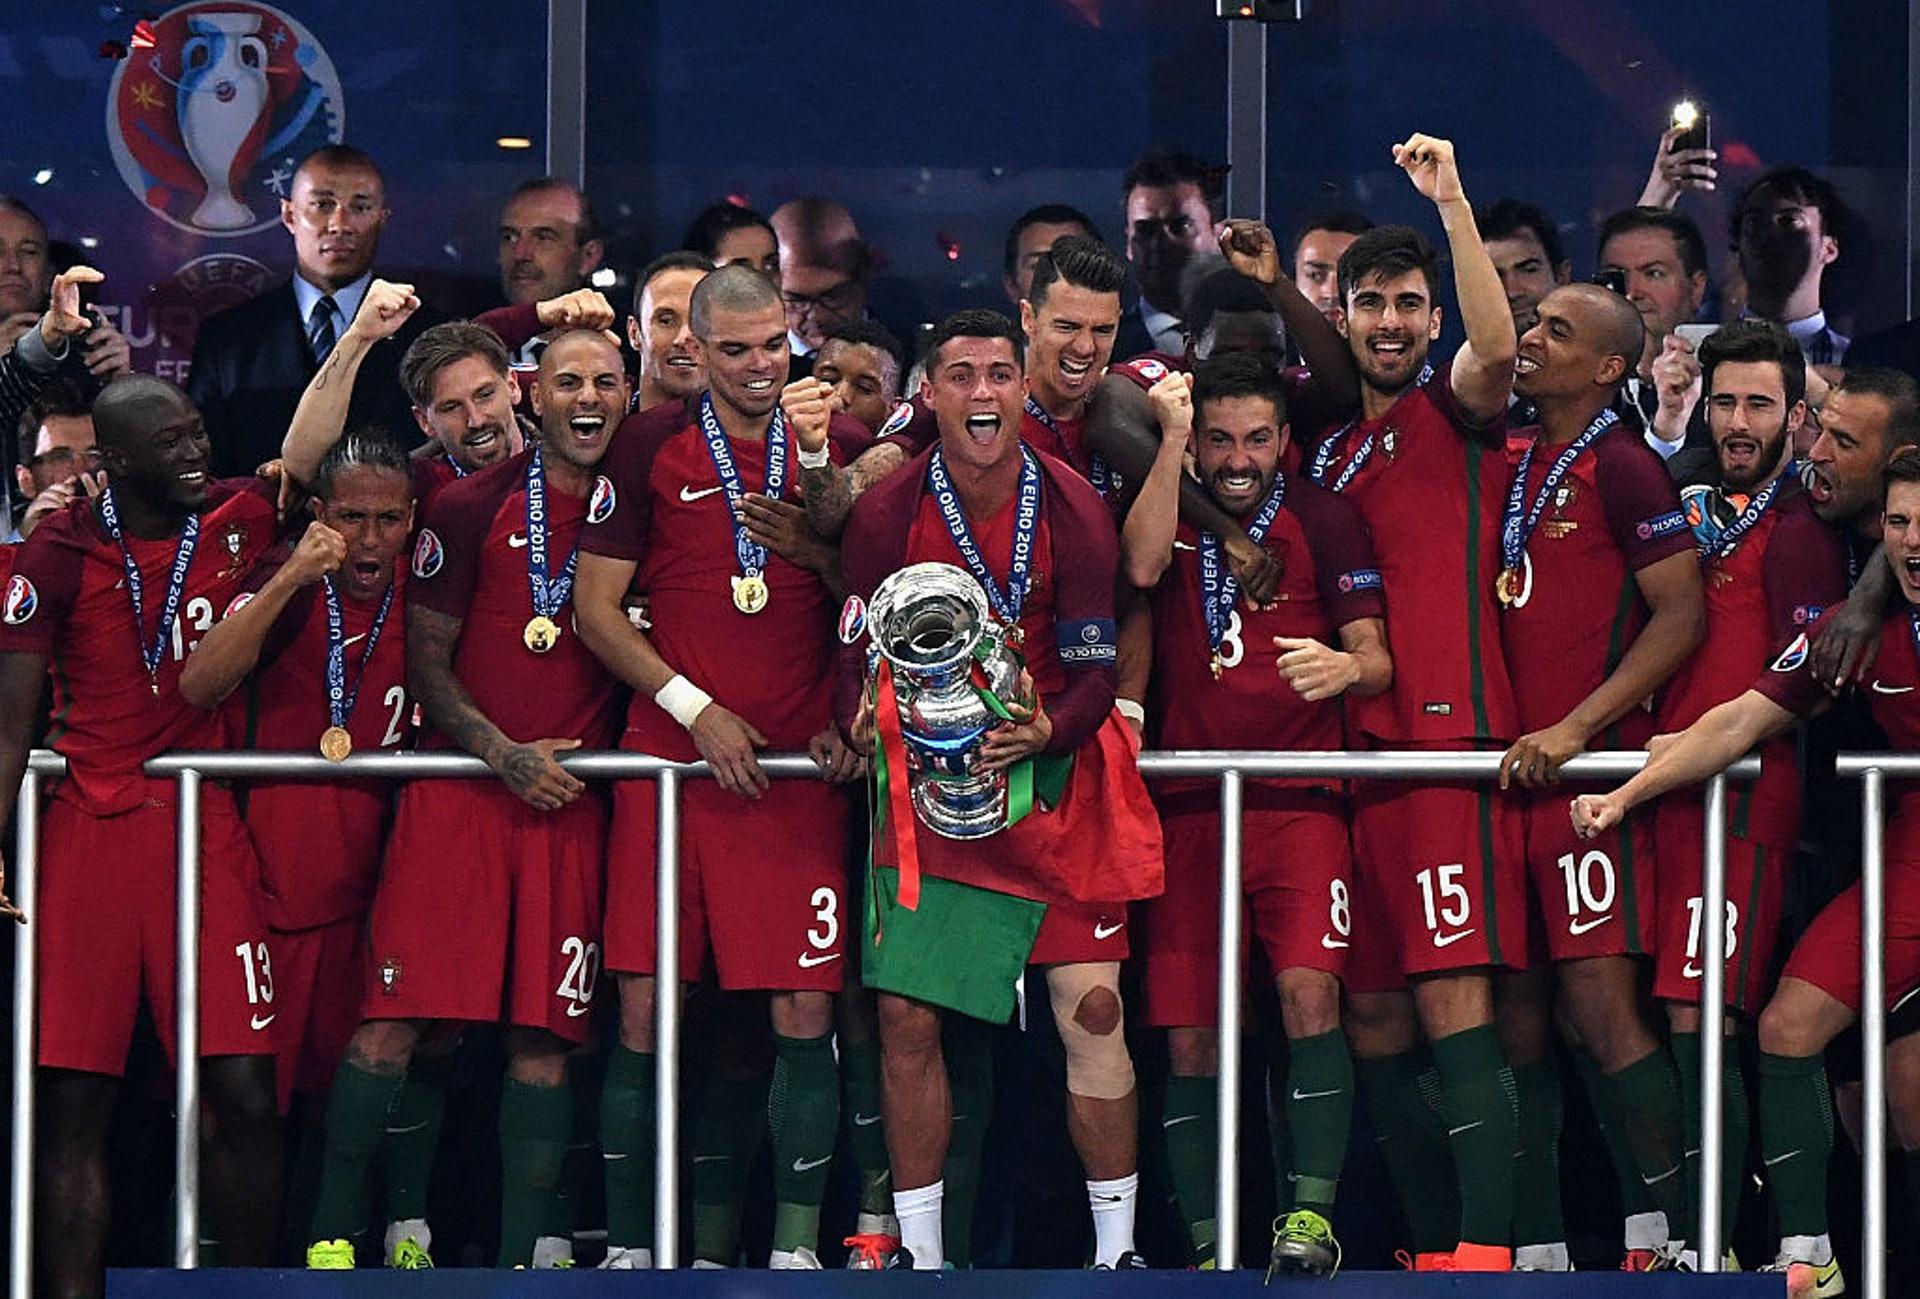 2016歐國盃冠軍:葡萄牙(23人名單)–27.87歲(Getty Images)